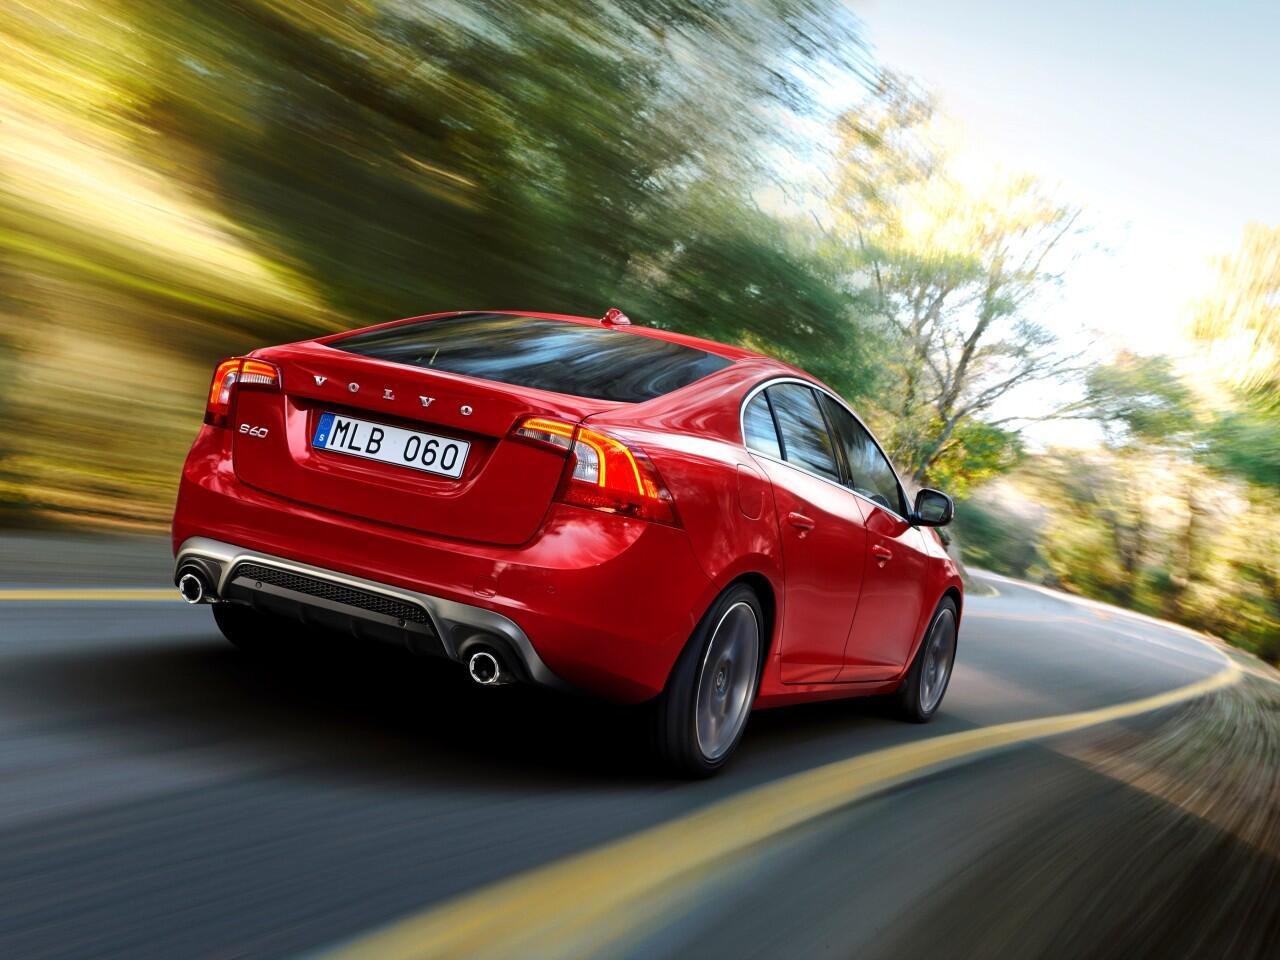 Bild zu Heute bietet Volvo in der Mittelklasse den V60 und den S60 an